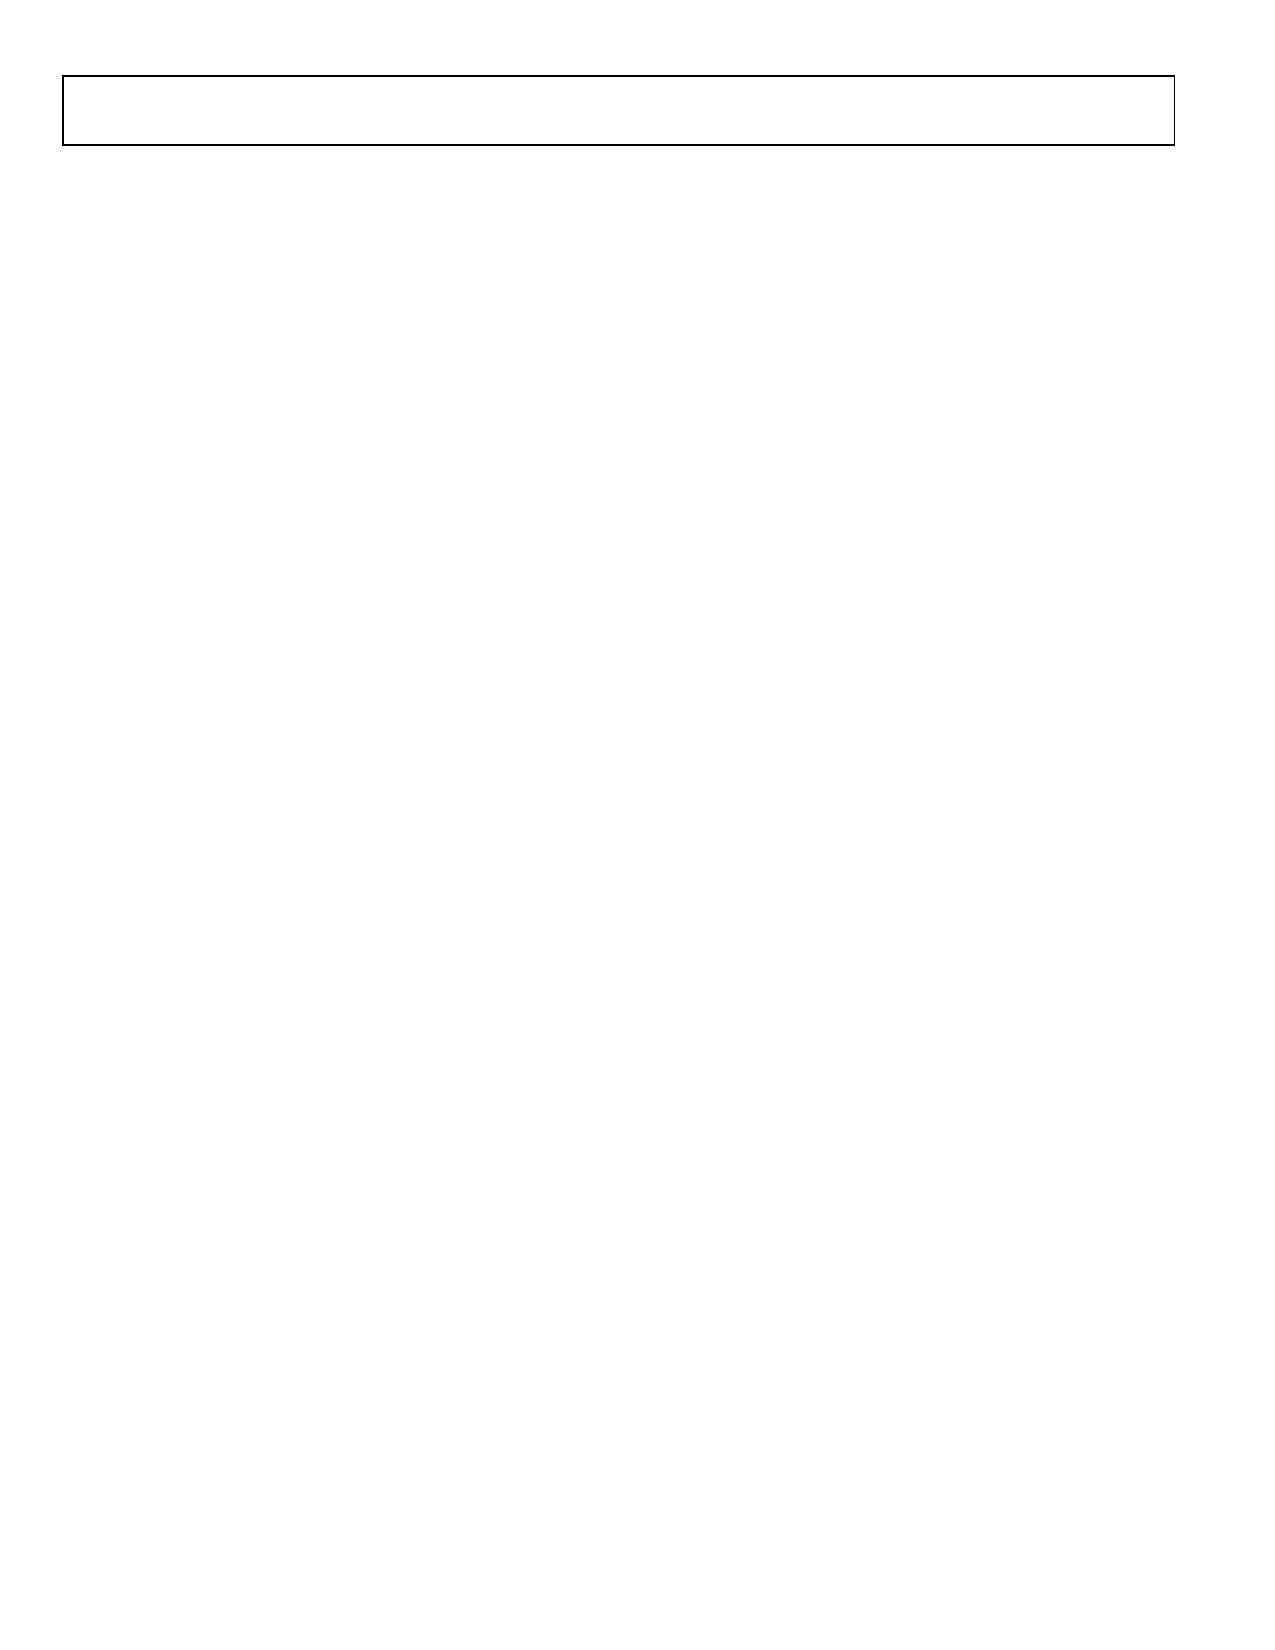 AD5557 Даташит, Описание, Даташиты